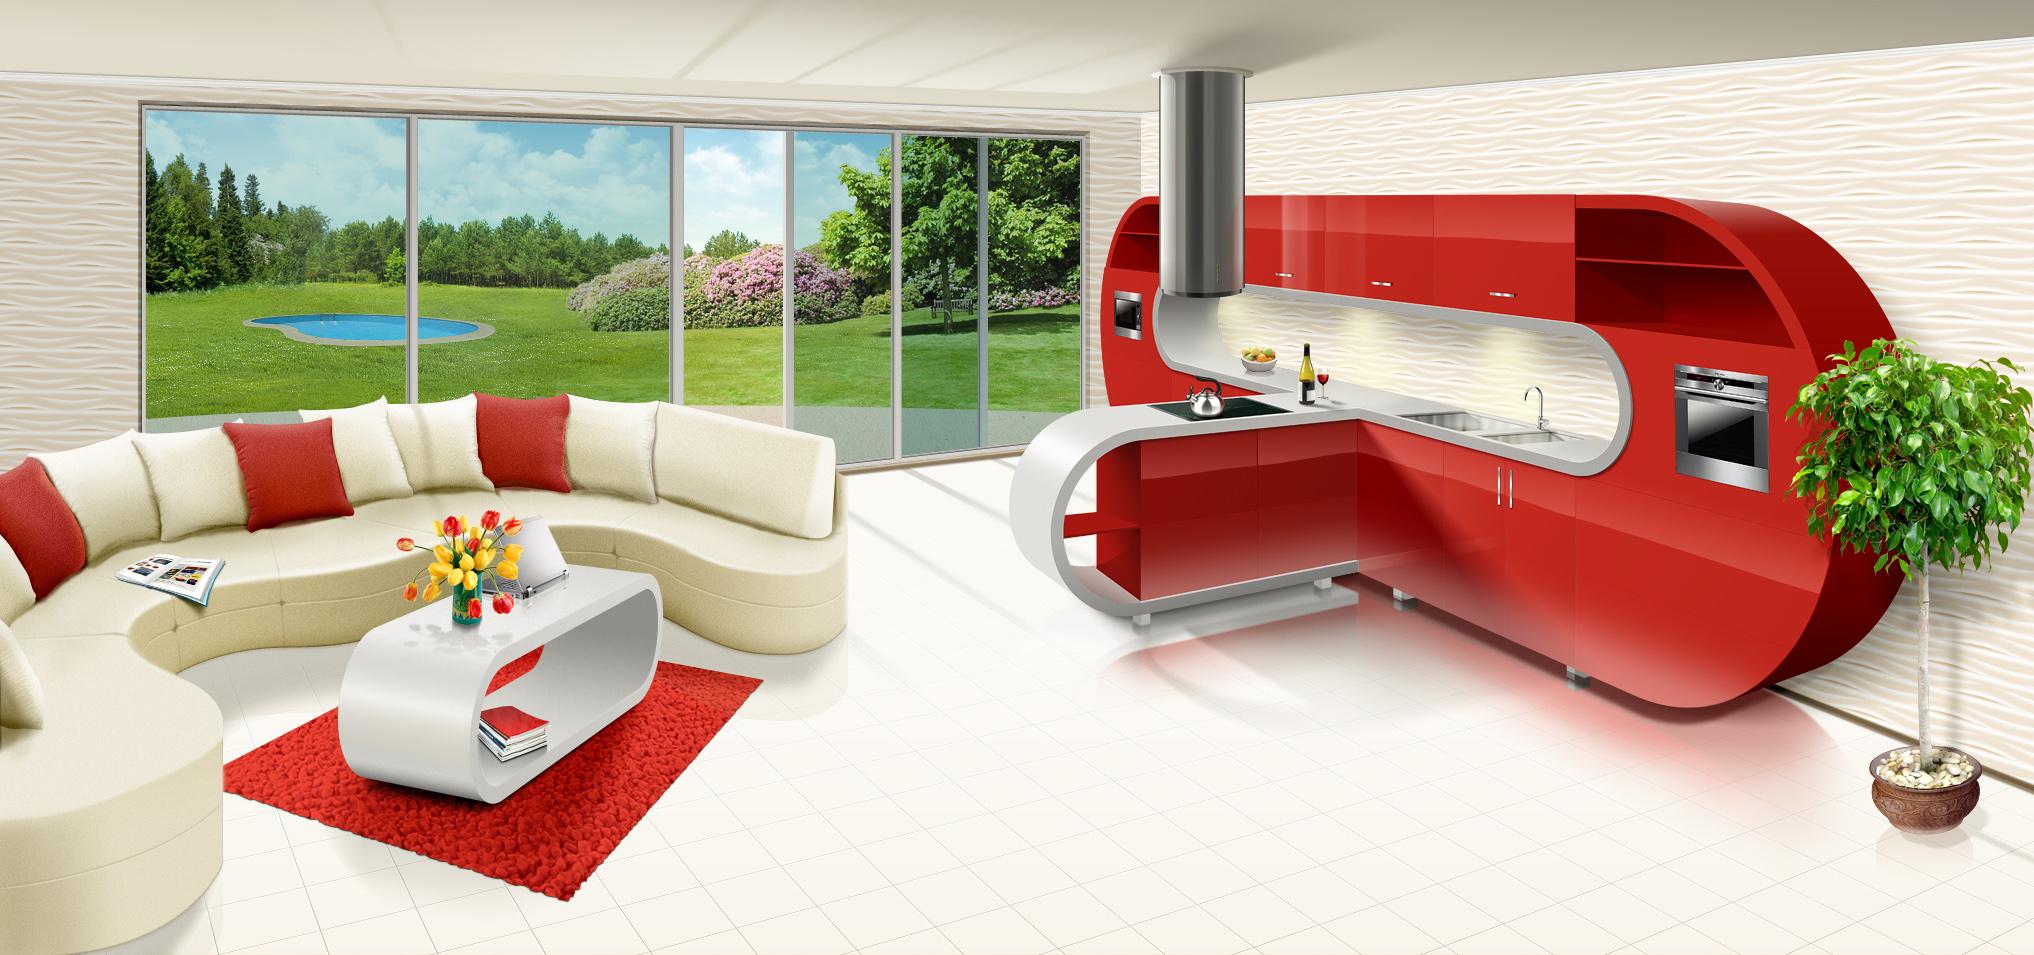 Иллюстрация для сайта мебельной компании